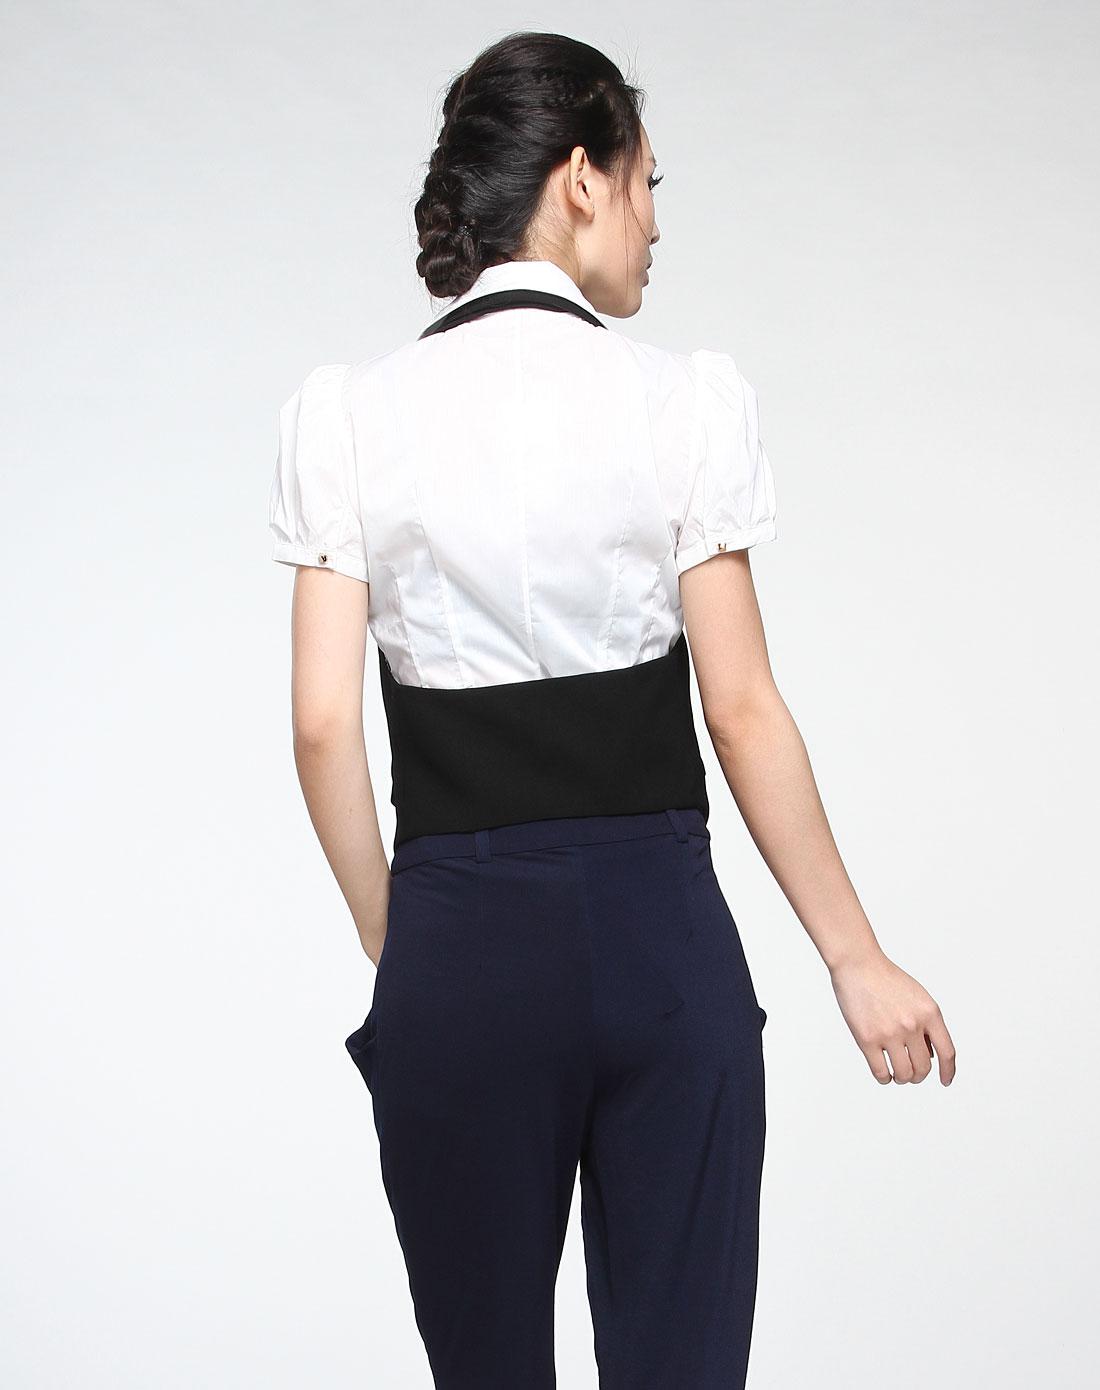 衣服后背字体设计